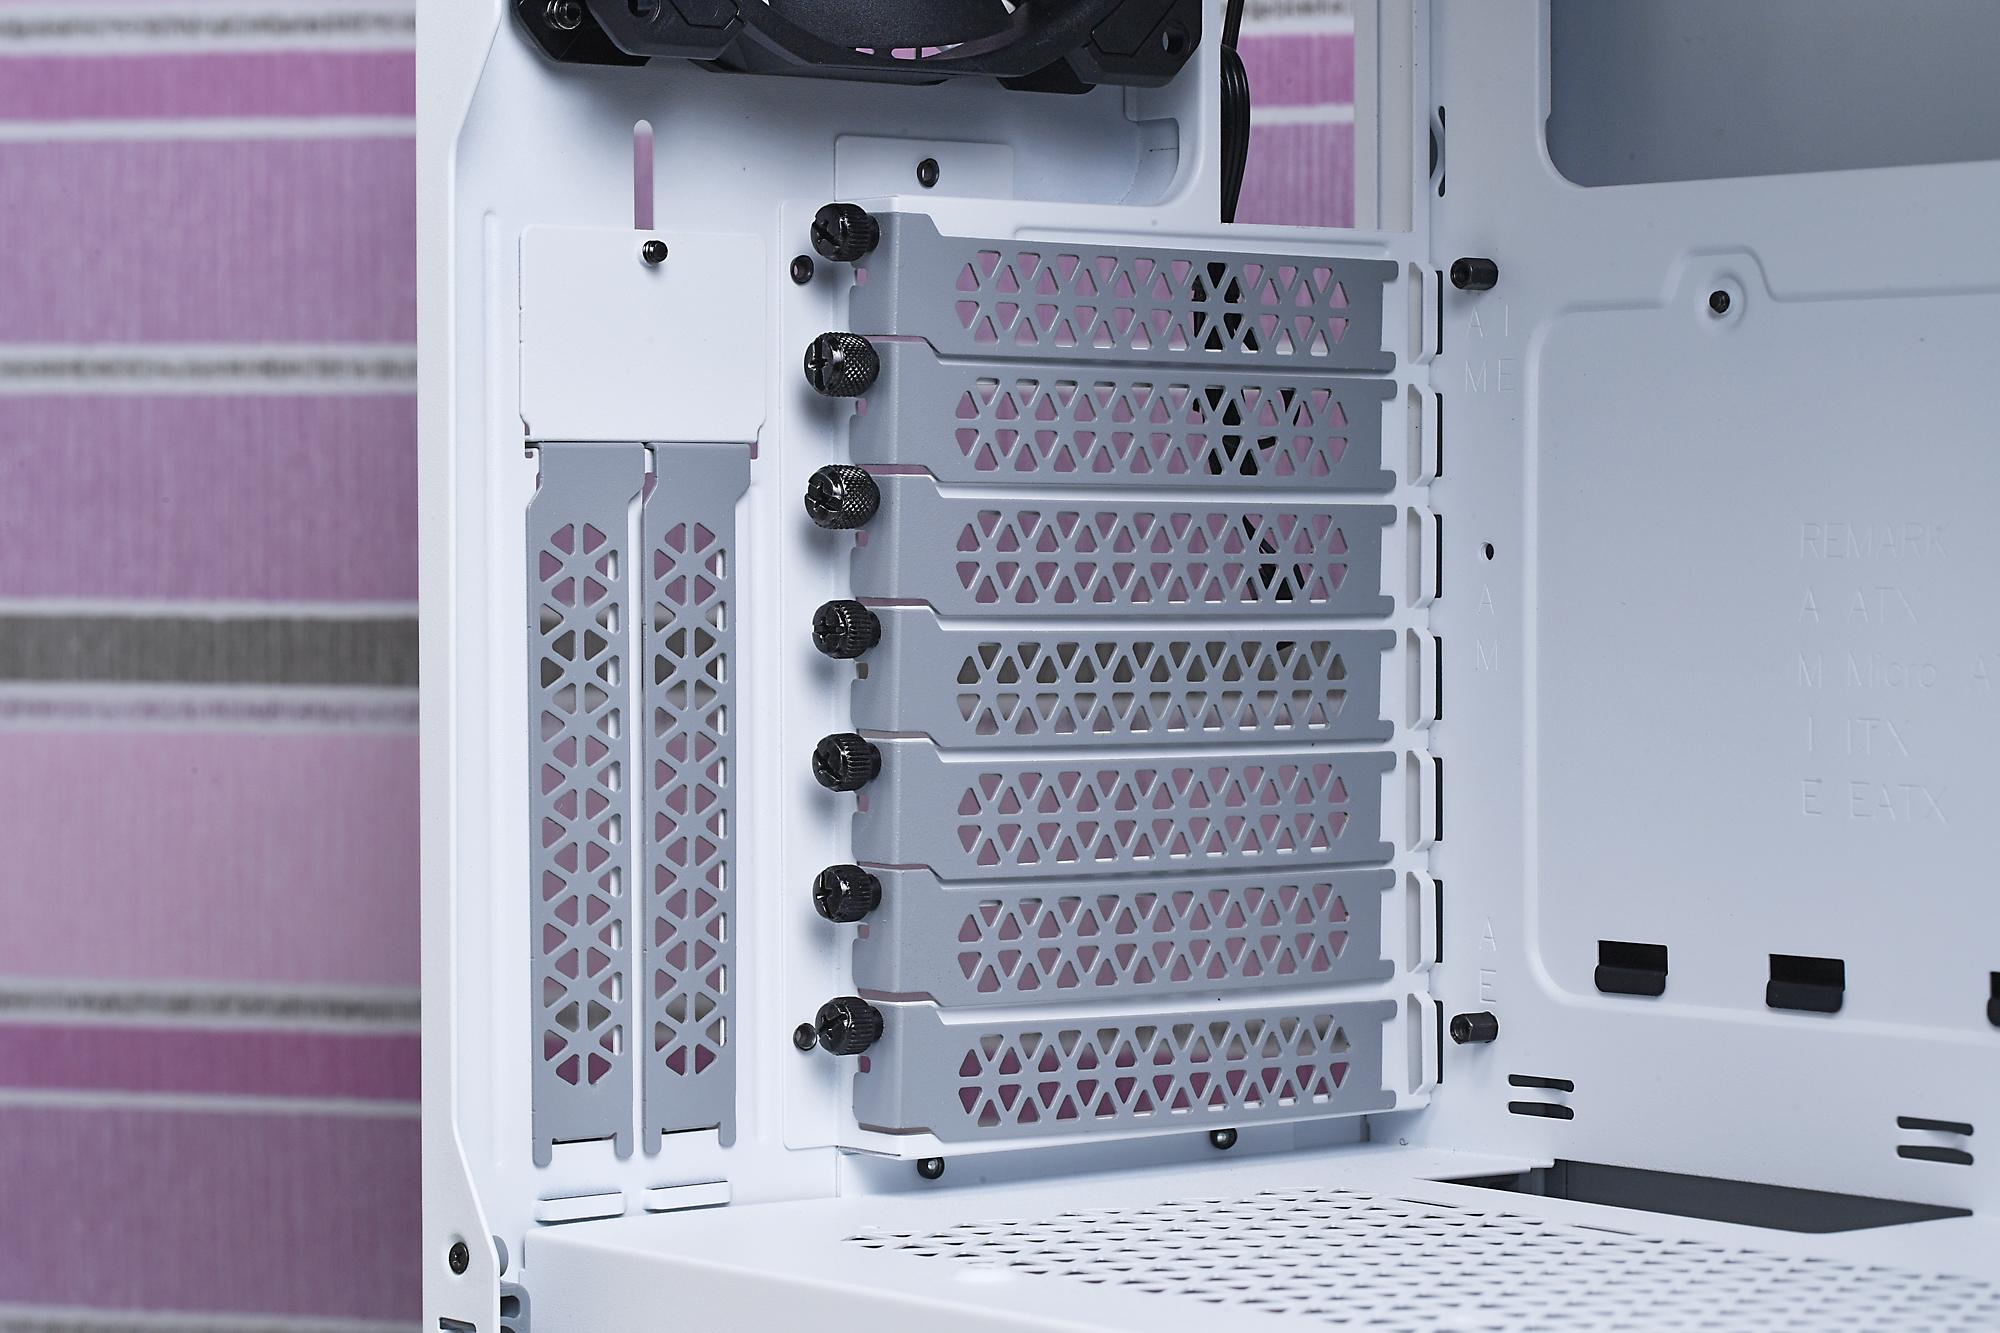 背面にはビデオカードを縦置きするときに使う拡張カードブラケットを装備。